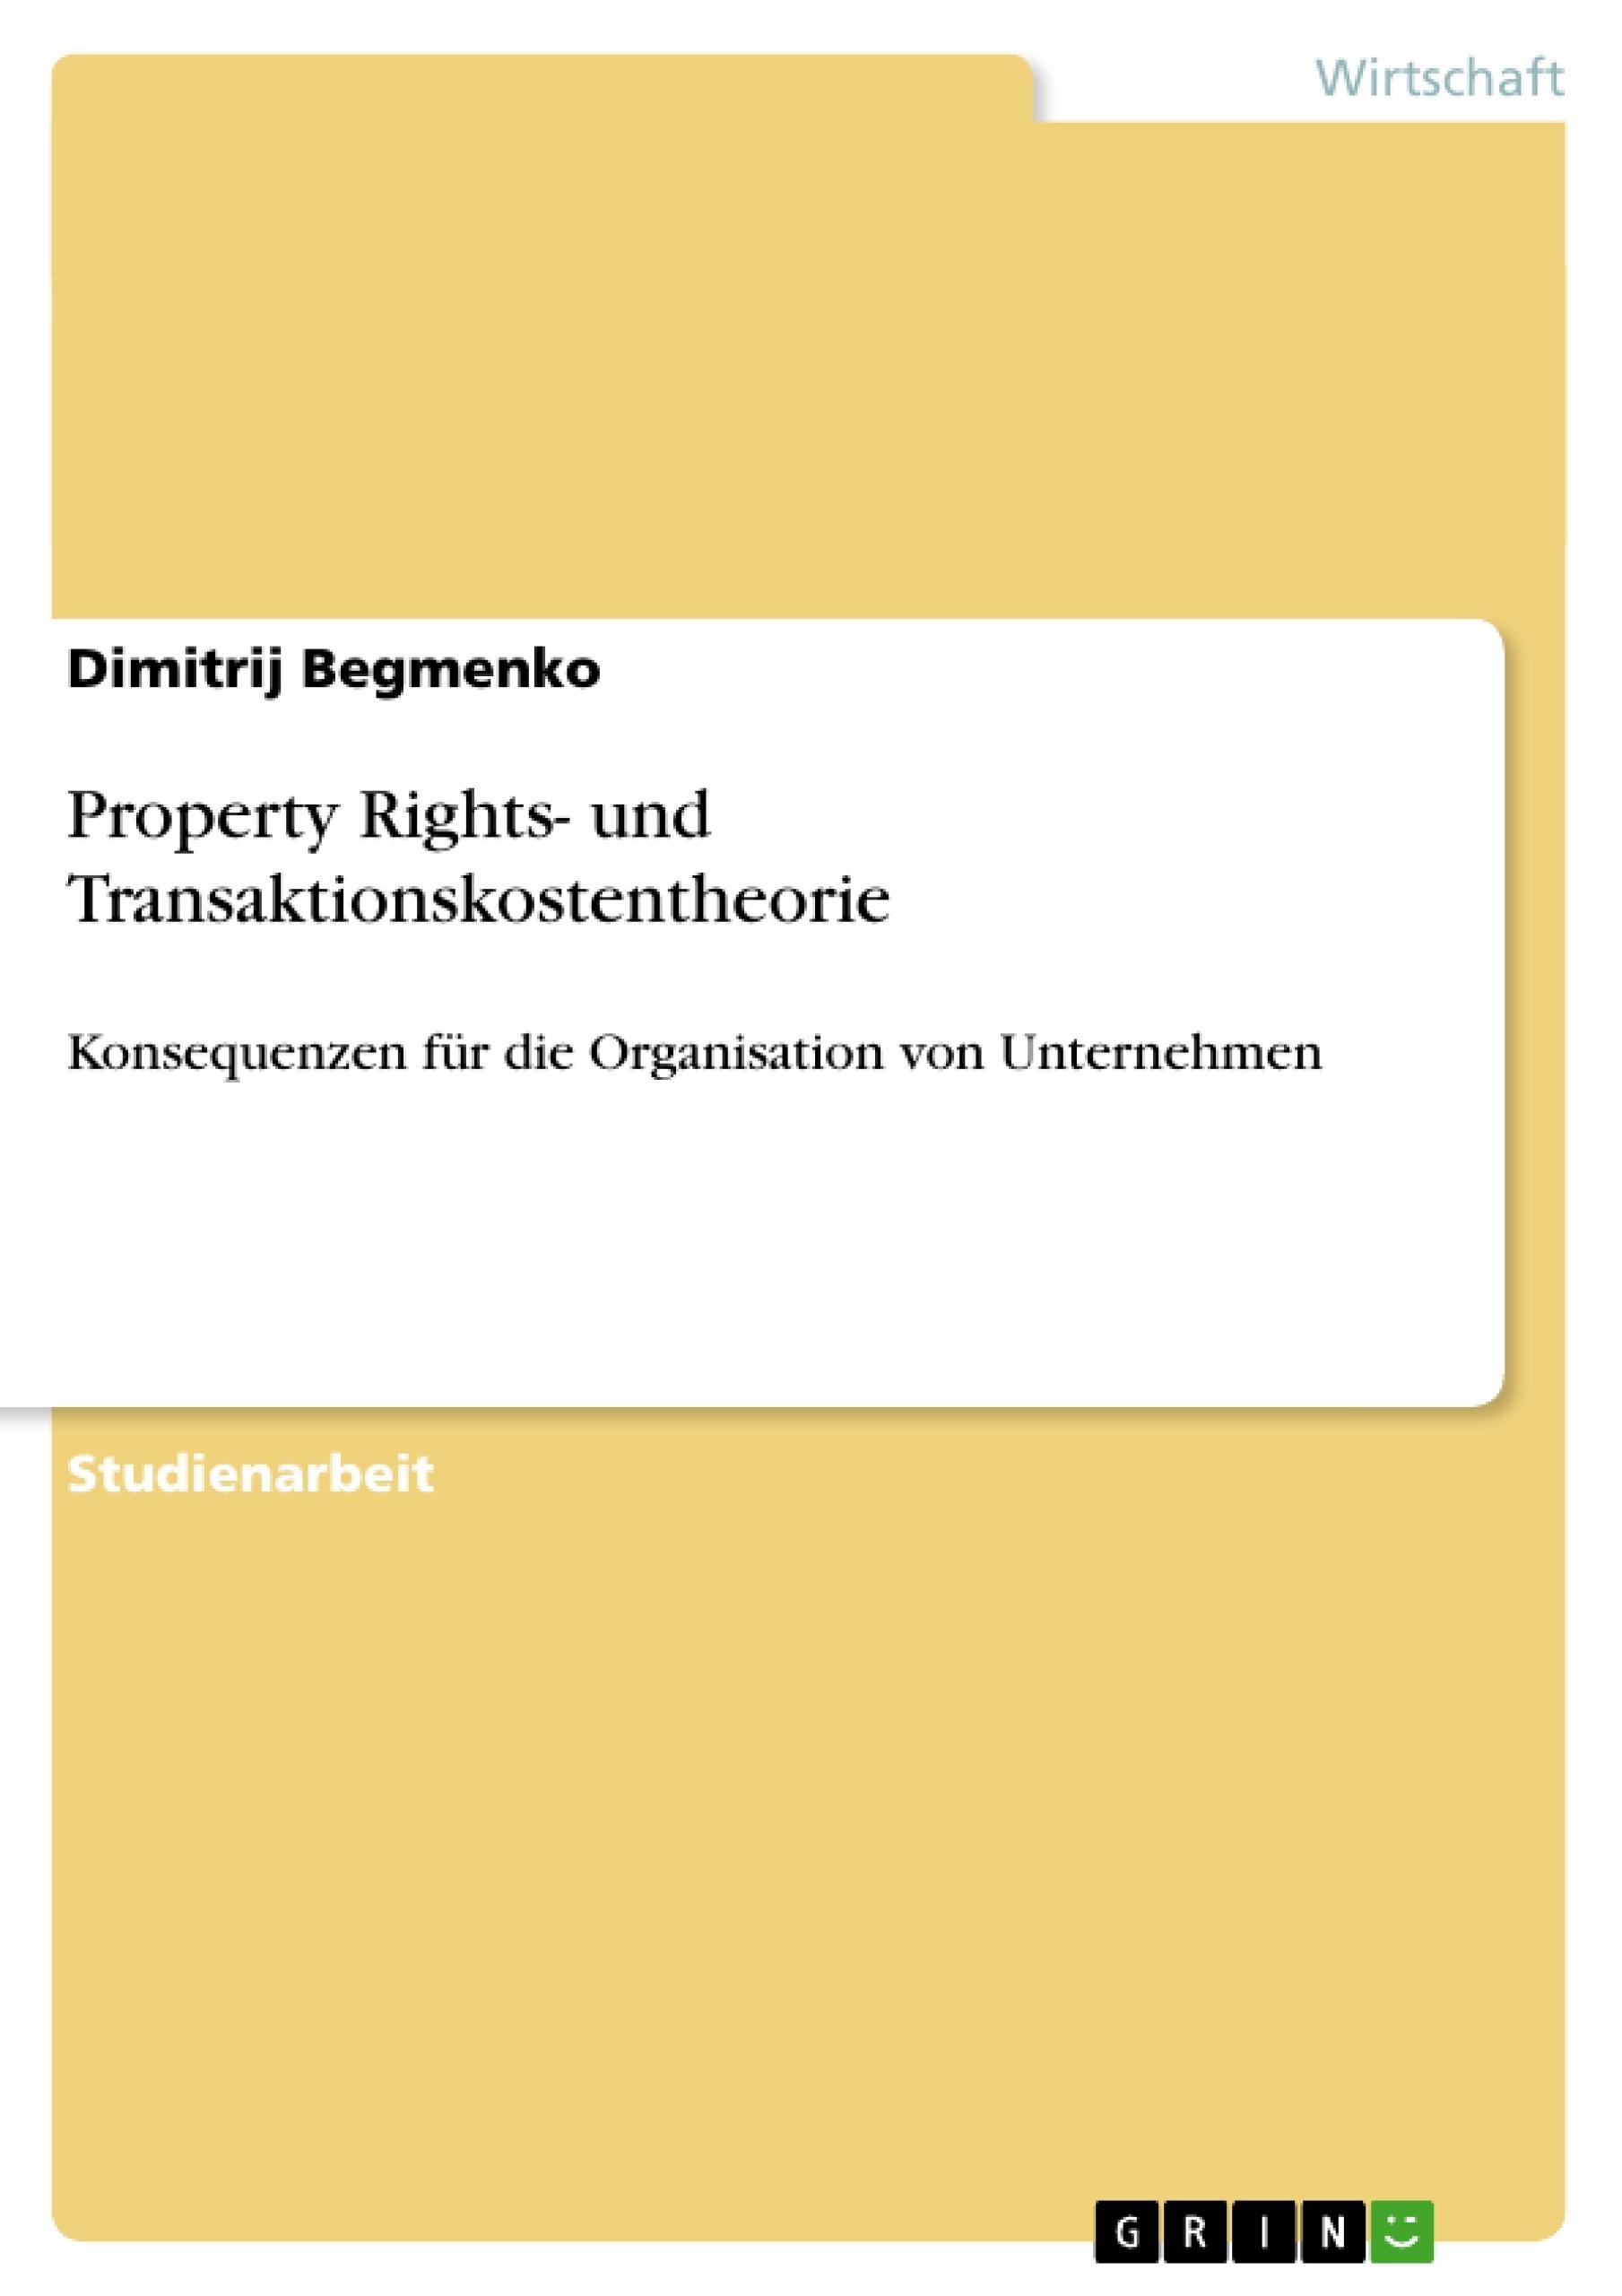 Titel: Property Rights- und Transaktionskostentheorie